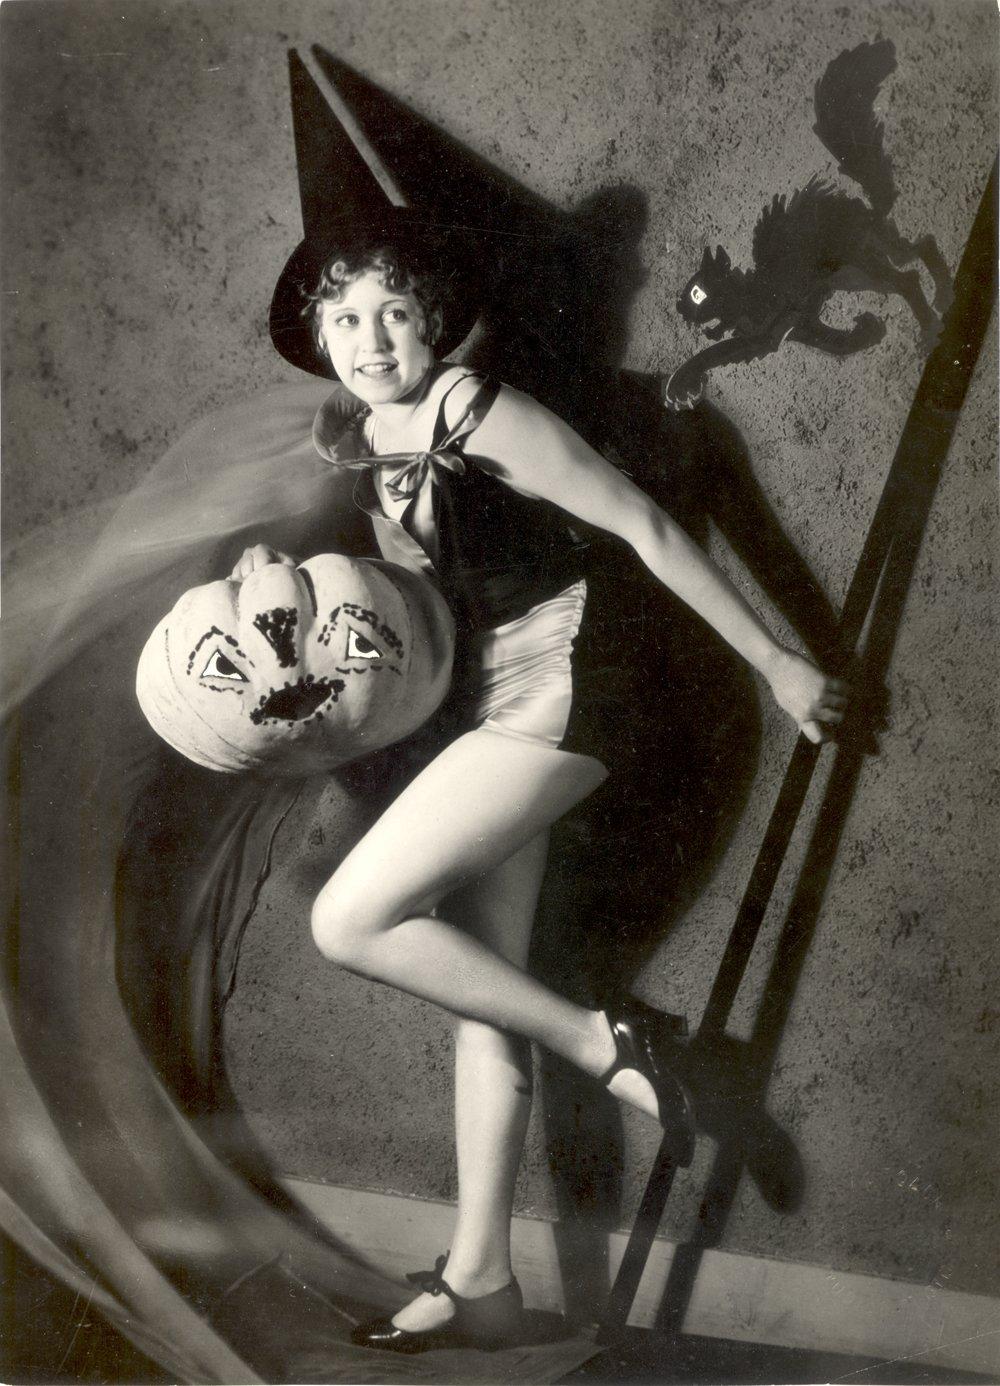 Хэллоуин картинки ретро